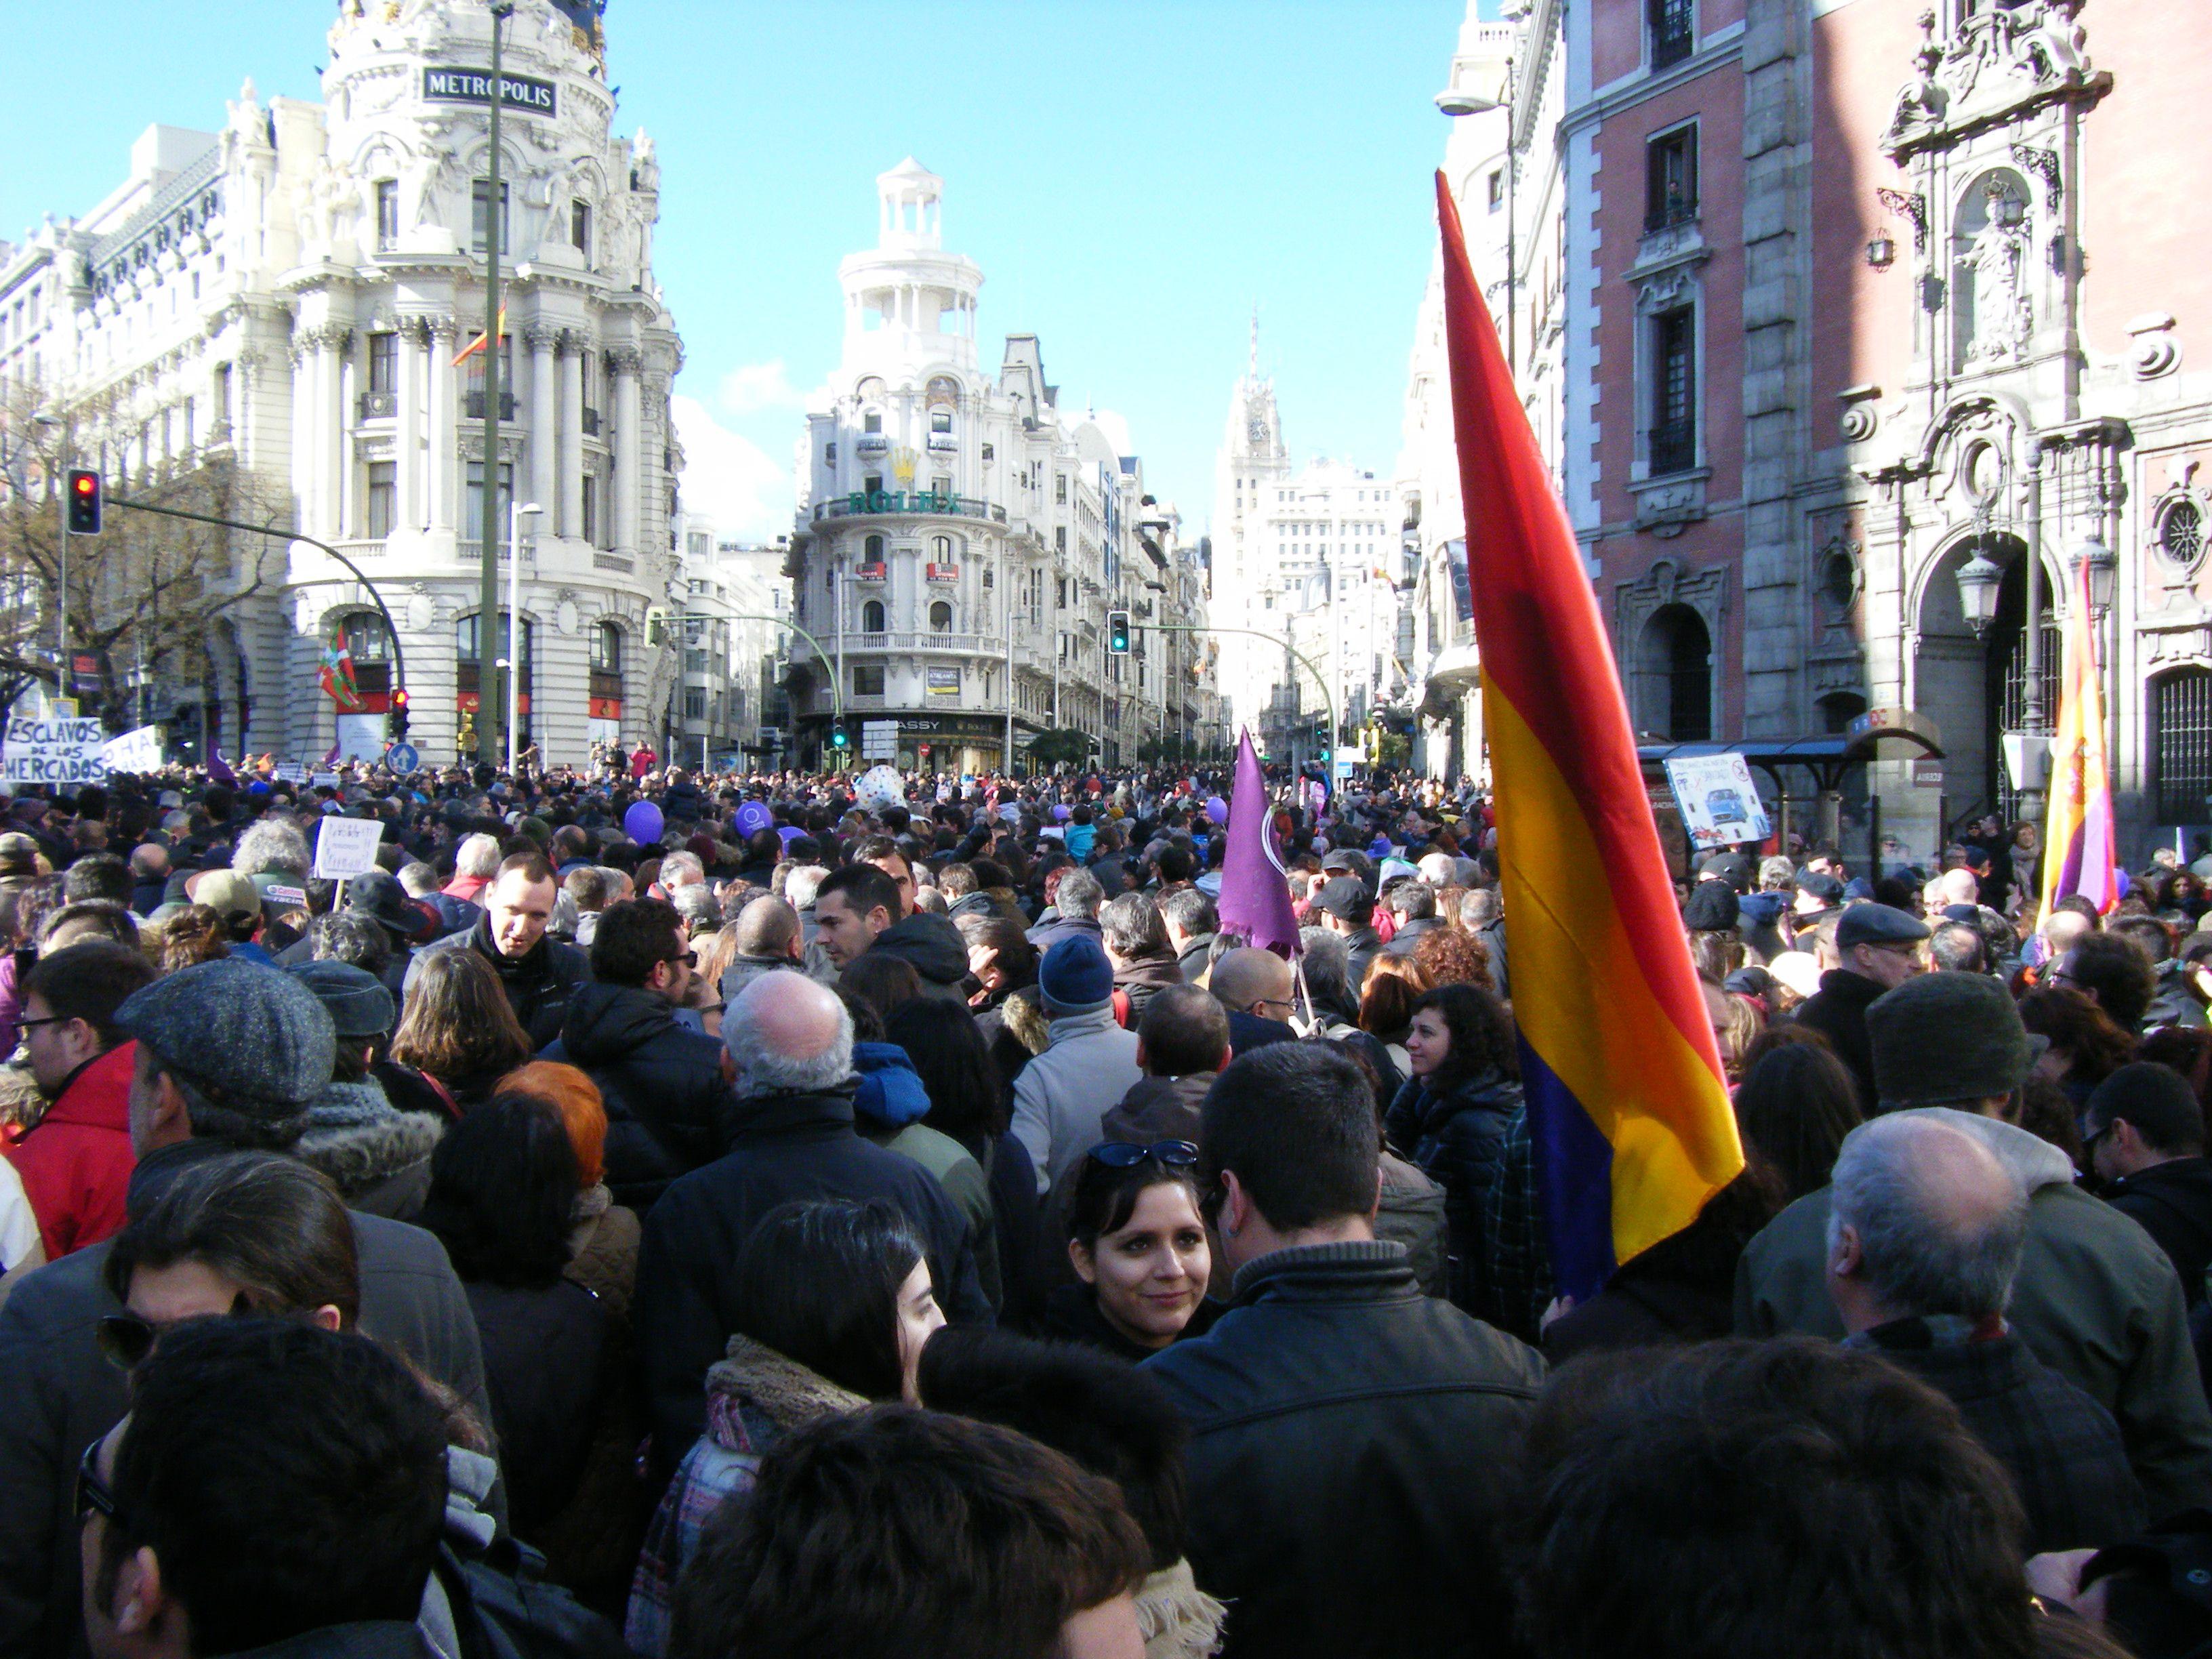 La Marcha por el Cambio 31E (5)  Madrid 31/01/2015  Autor: J.Valero